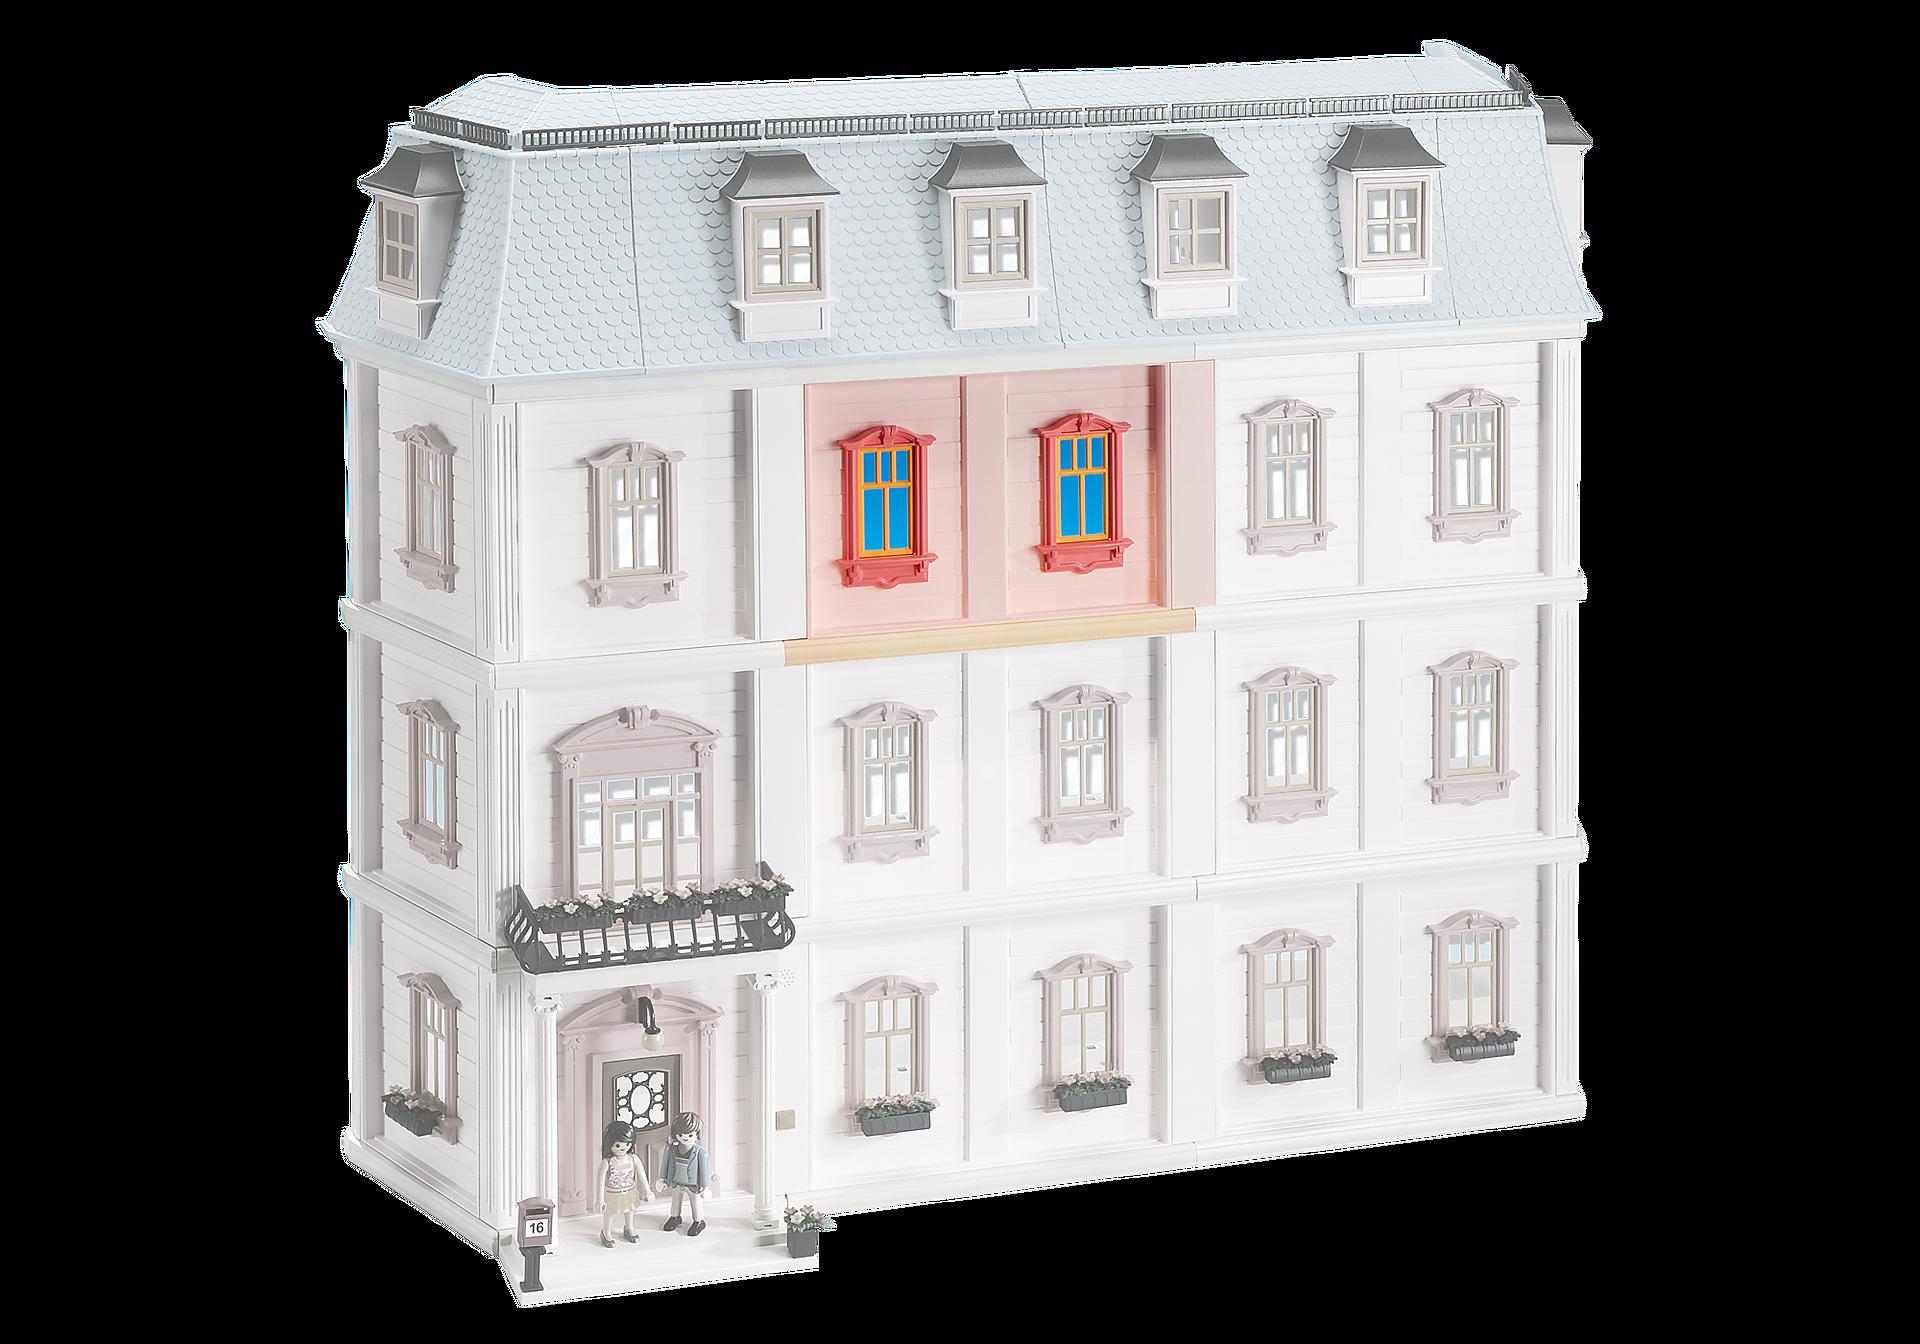 6454 Pièce supplémentaire pour maison traditionnelle (Réf. 5303) zoom image1